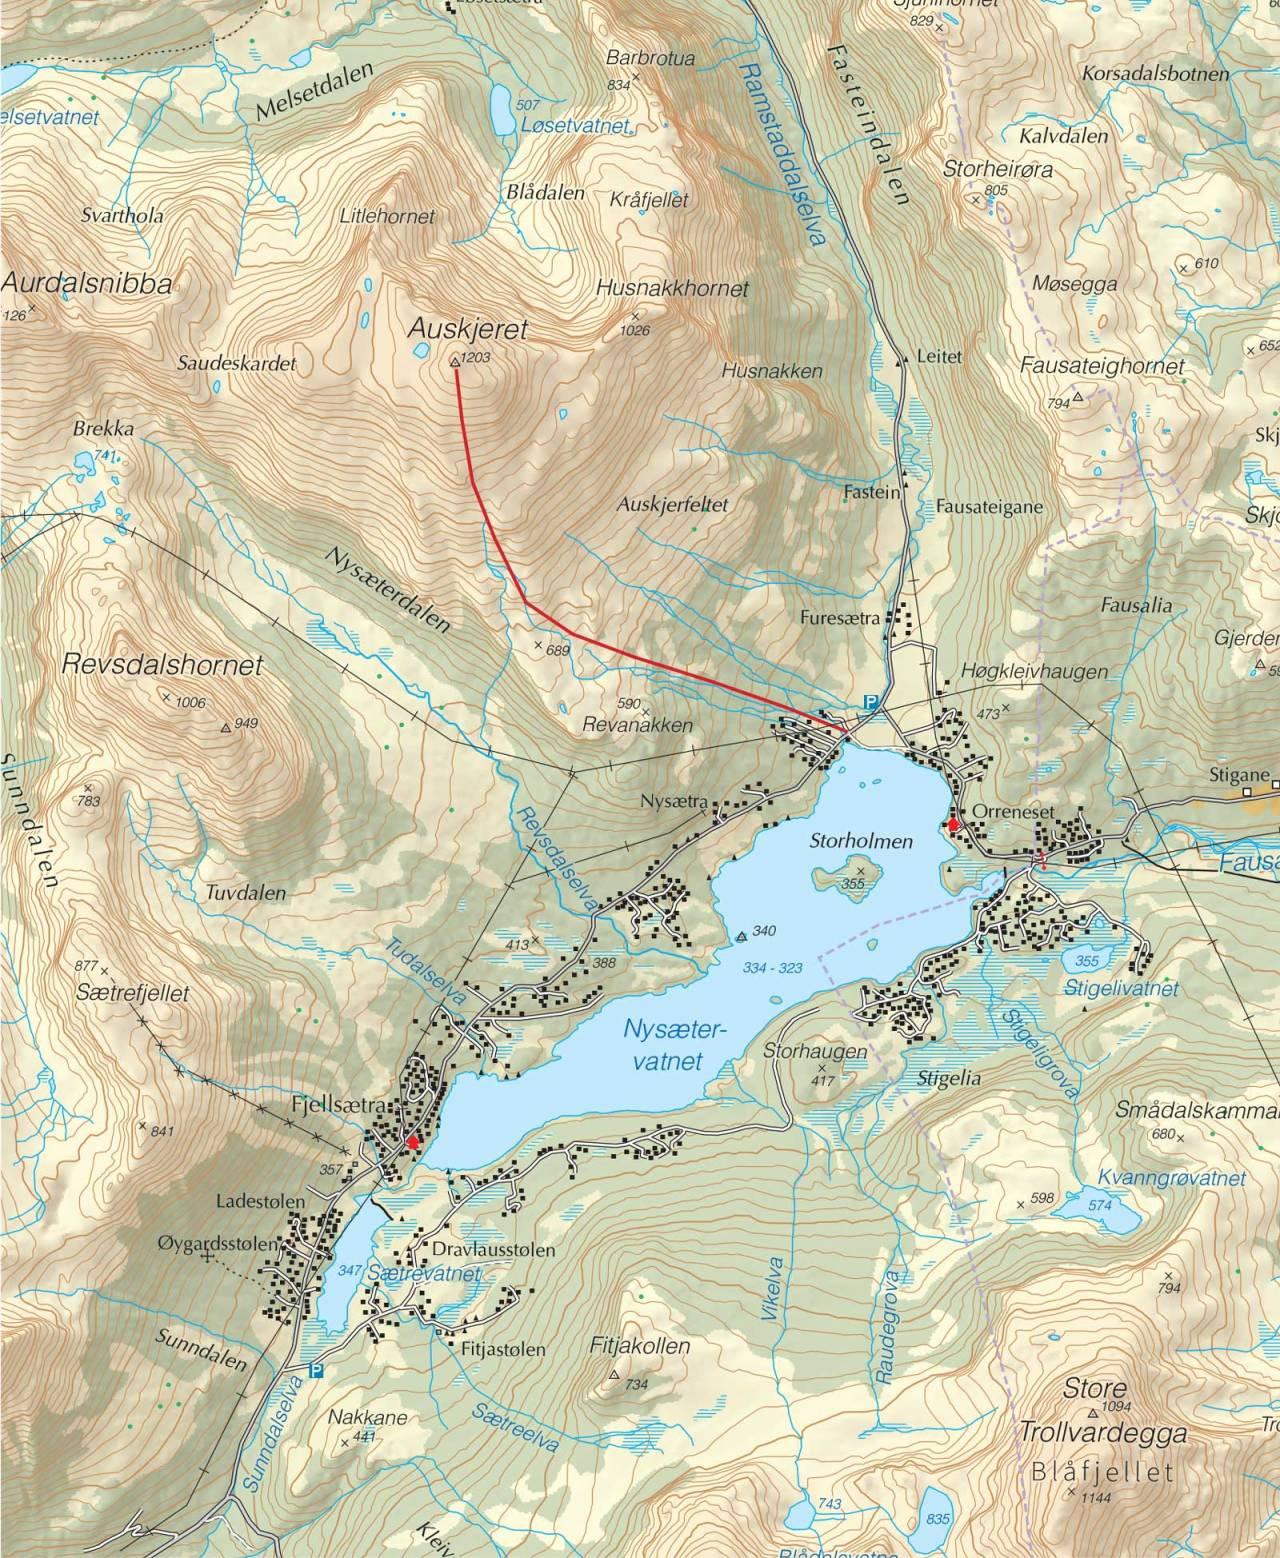 Kart over Auskjeret med inntegnet rute. Fra Trygge toppturer.